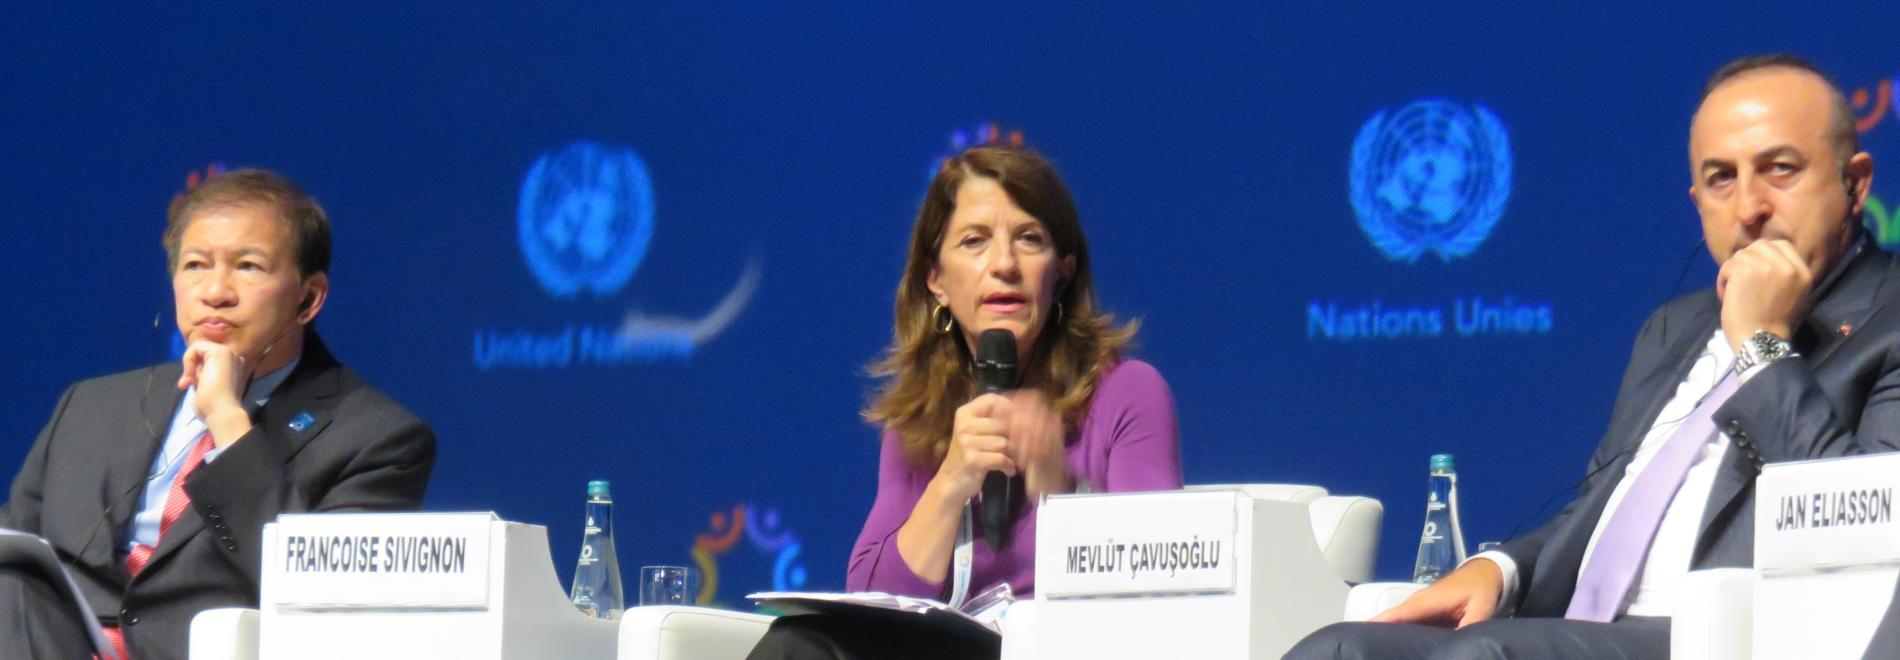 Dr. Françoise Sivignon, Präsidentin von Ärzte der Welt Frankreich, vertritt alle 500 internationalen Nichtregierungsorganisationen (NRO). Foto. Ärzte der Welt